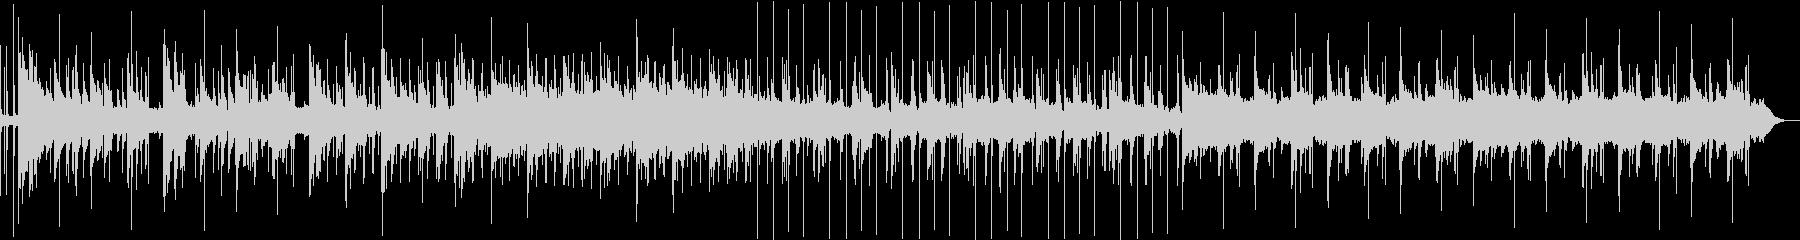 ゆったり雰囲気のピアノ主体アンビエントの未再生の波形